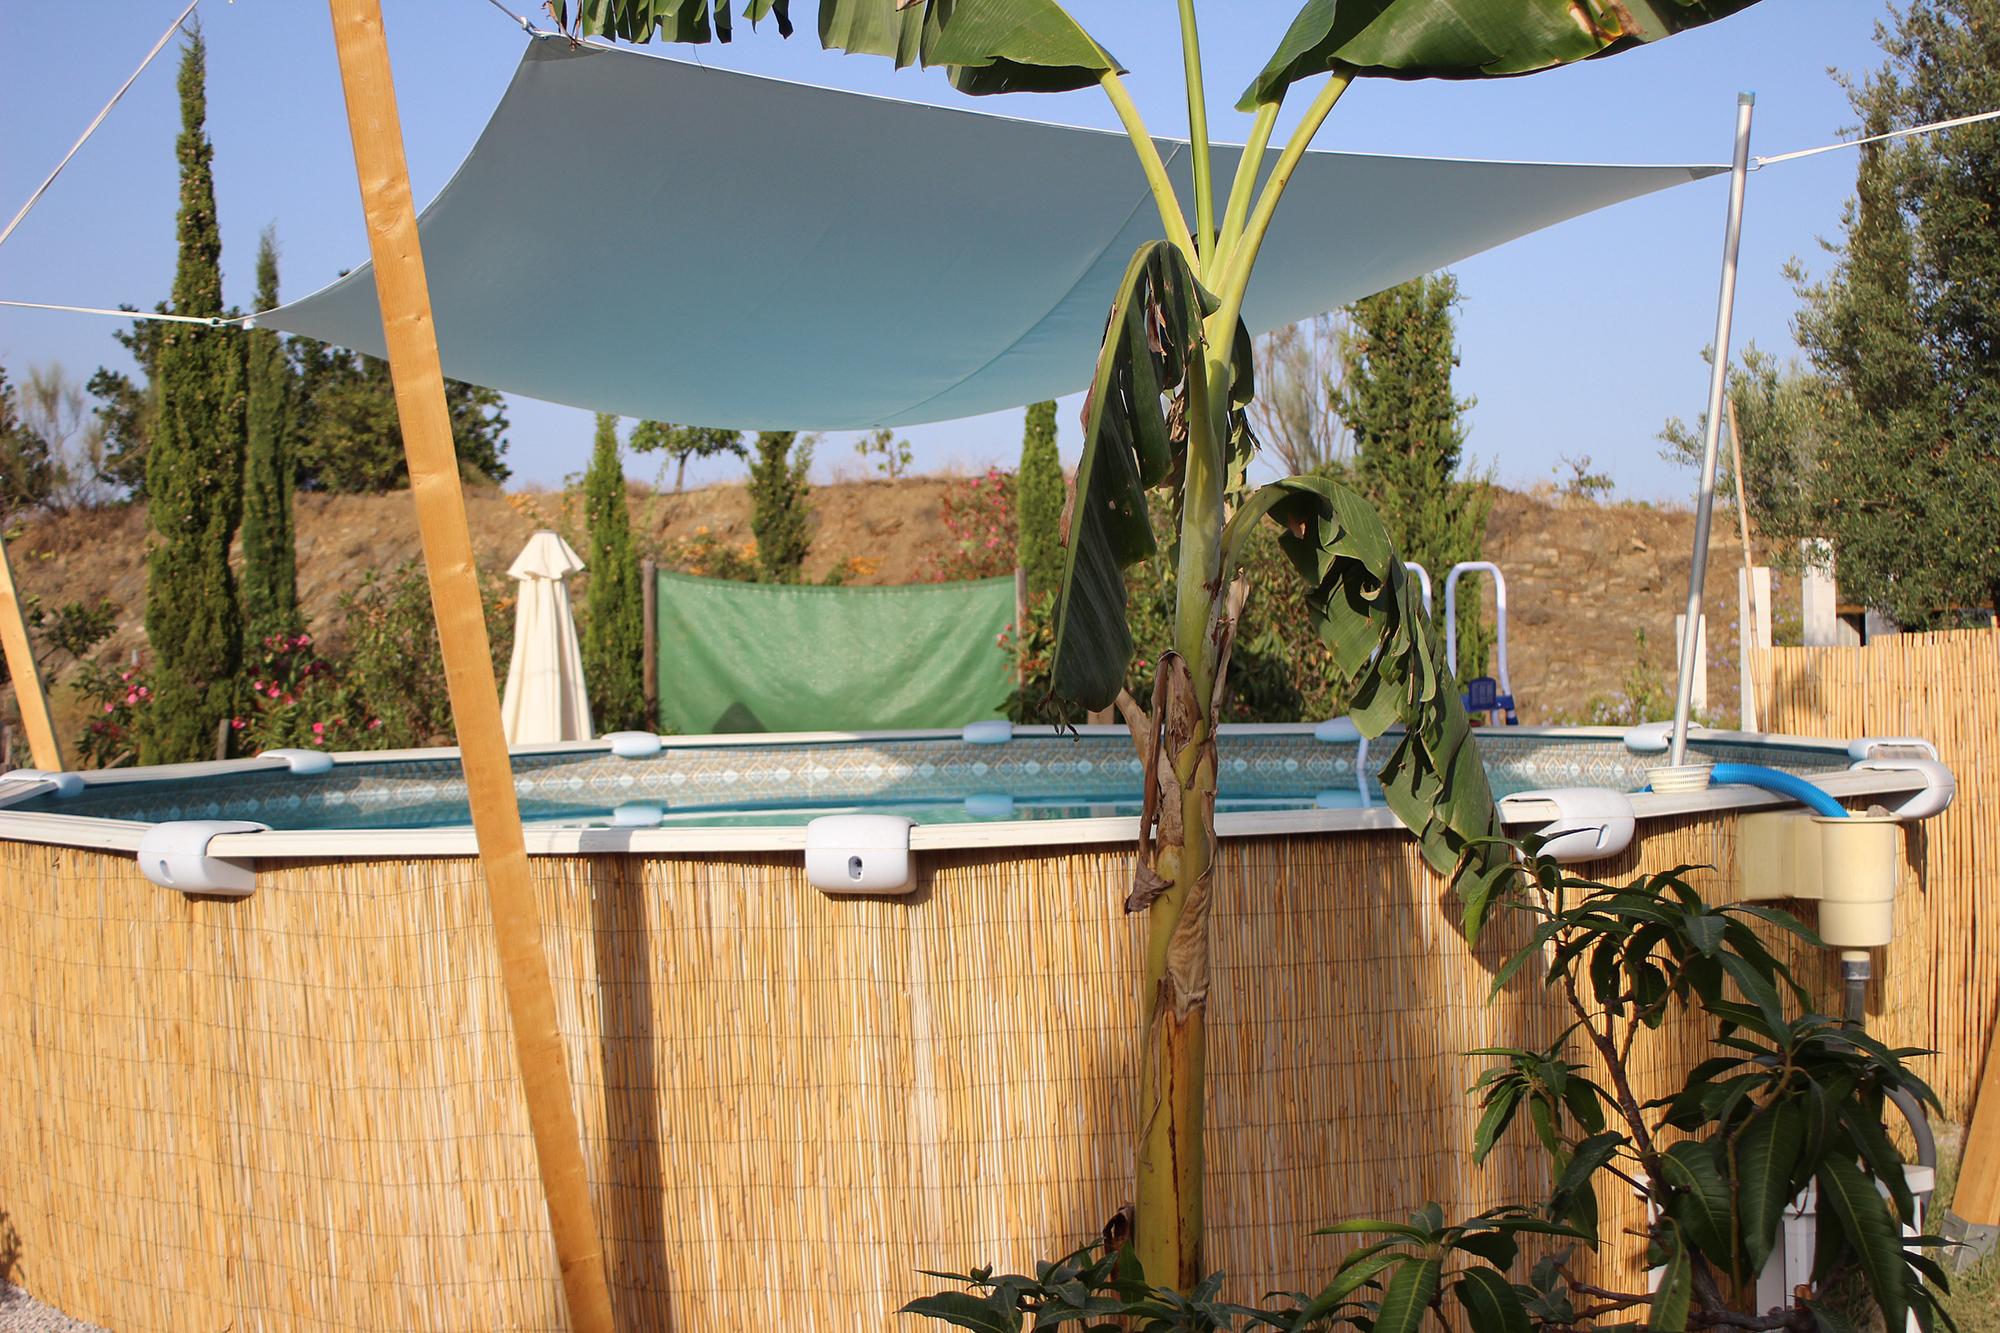 Anschließend lockt der kleine Pool oder das große, blaue Meer für eine Erfrischung